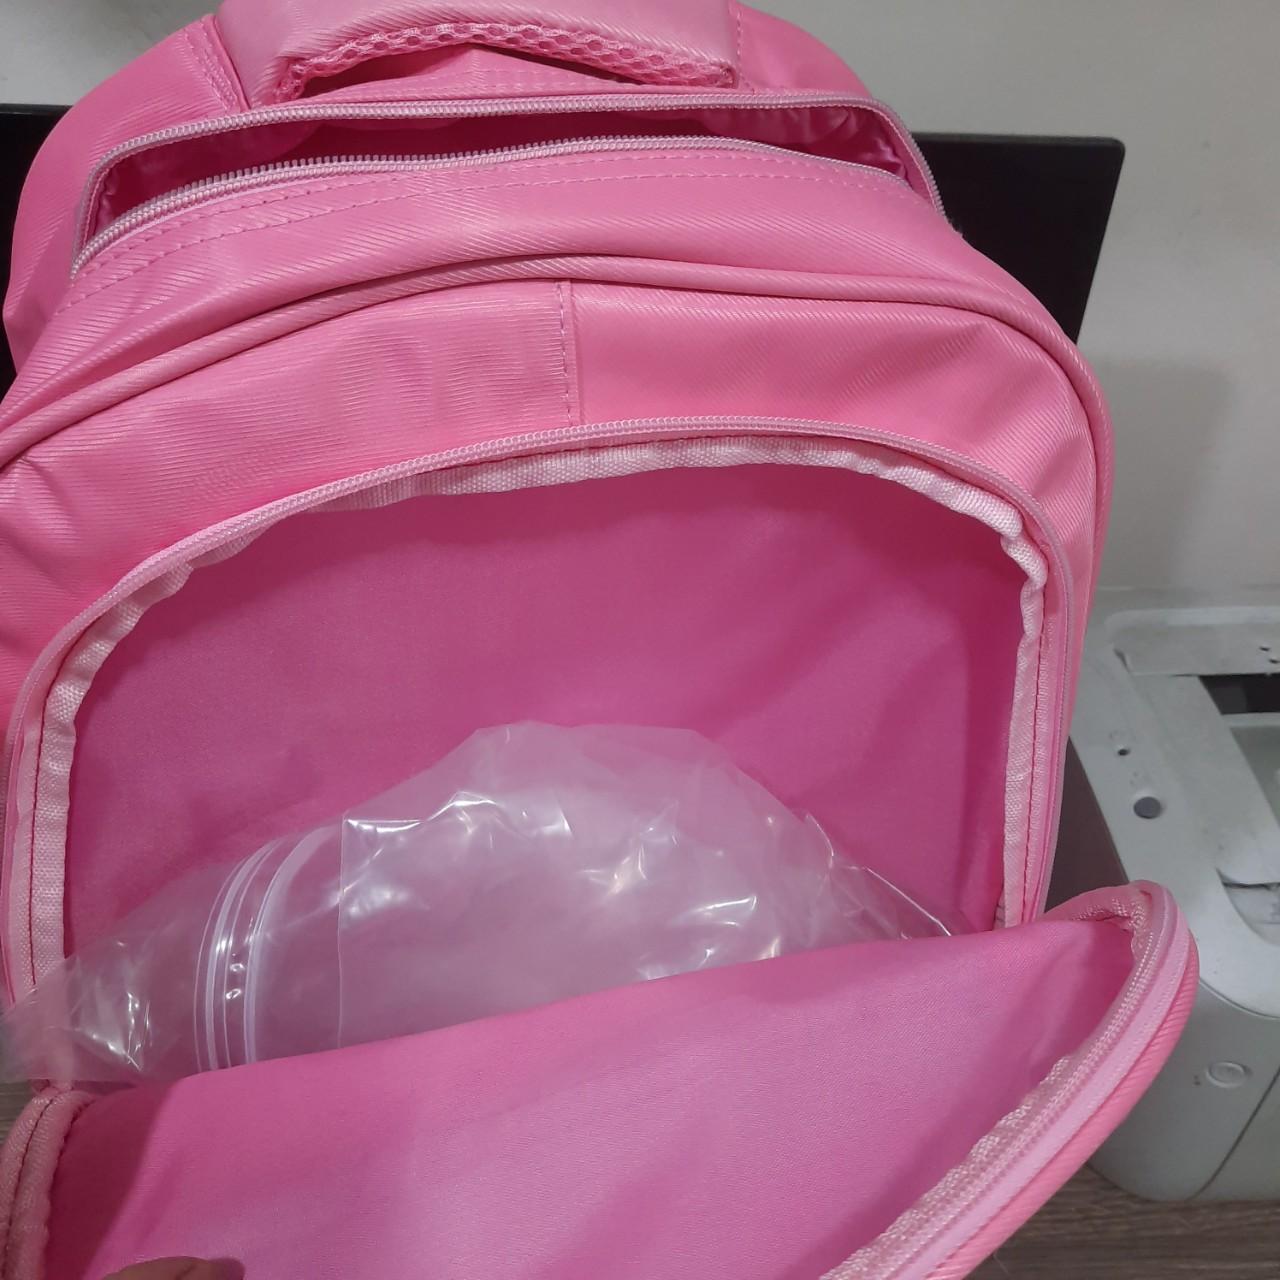 Balo cần kéo cho bé đi học in hình 3D có chứng năng chống Gù đọ bền cao đa năng Shalla (balo cần kéo cho bé giá sỉ)